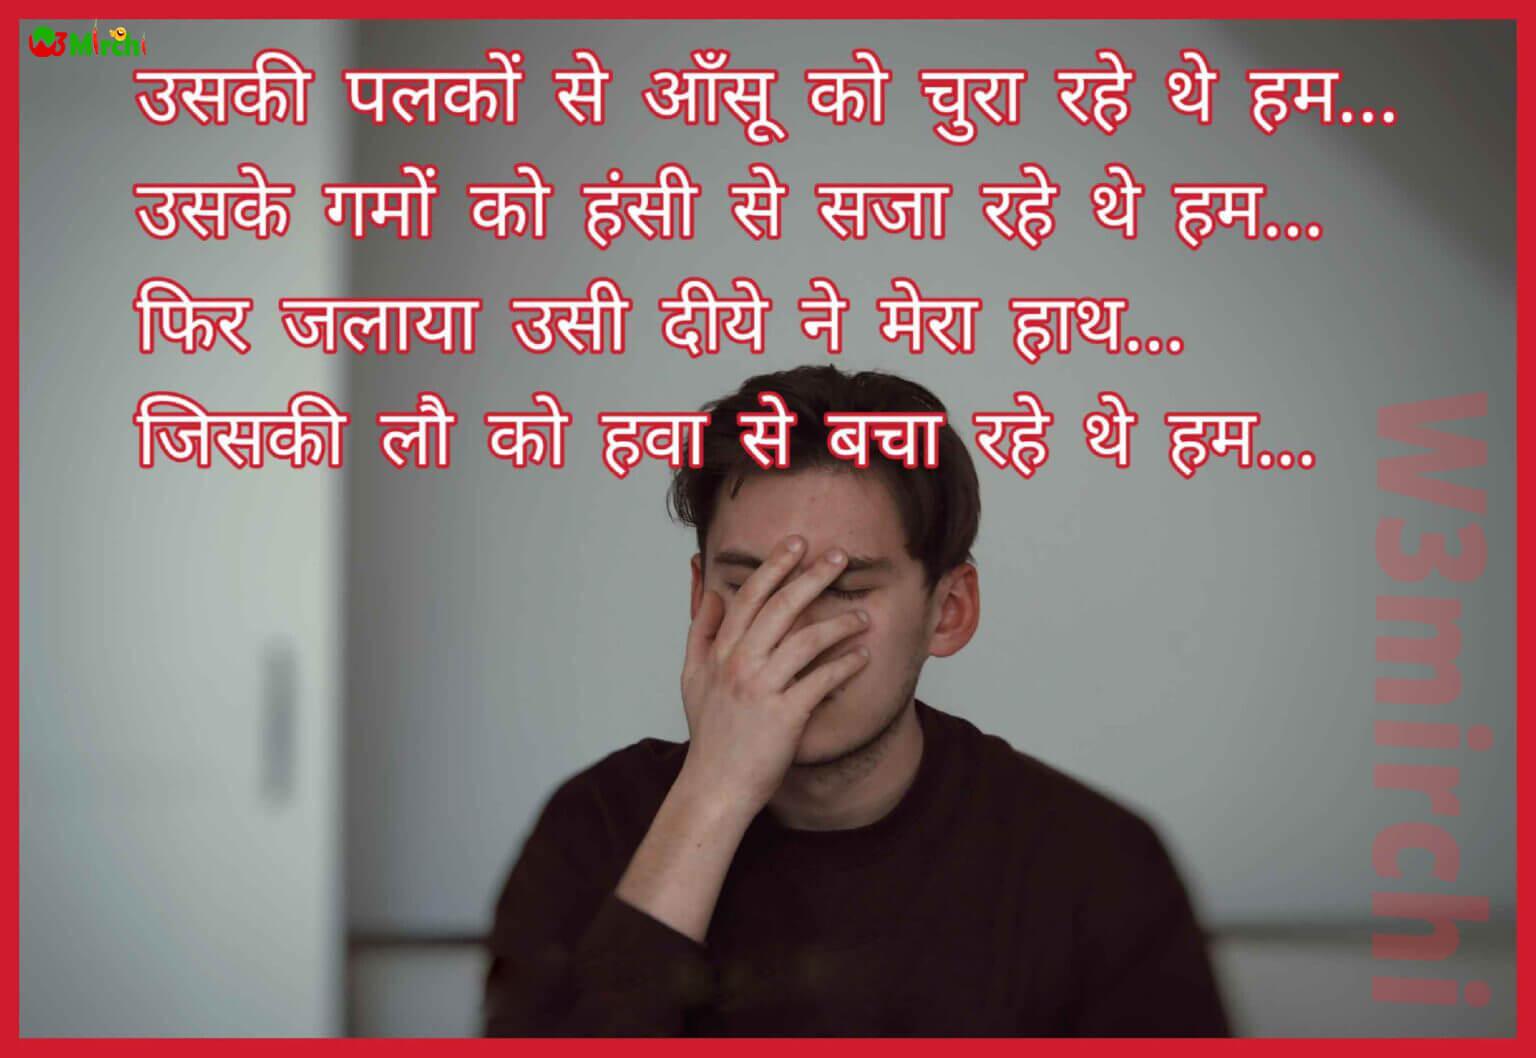 Sad Shayari उसकी पलकों से आँसू को चुरा रहे थे